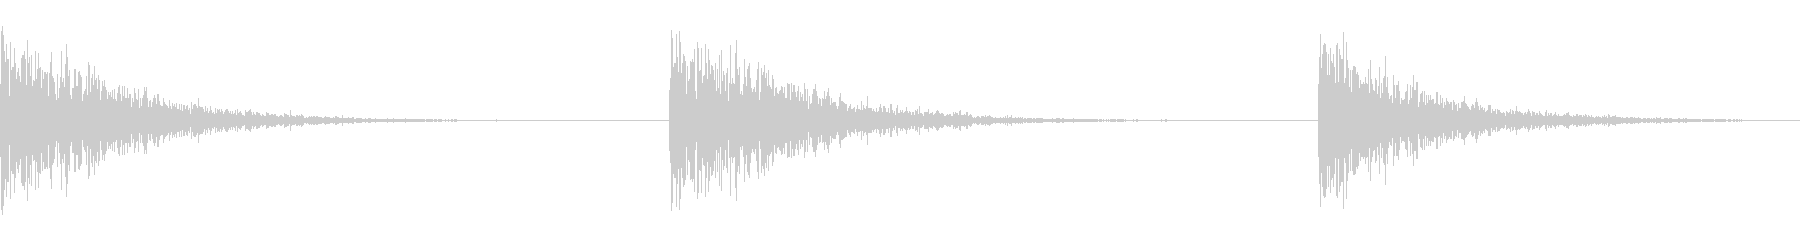 エクスプロージョン4スリーロースパークスの未再生の波形